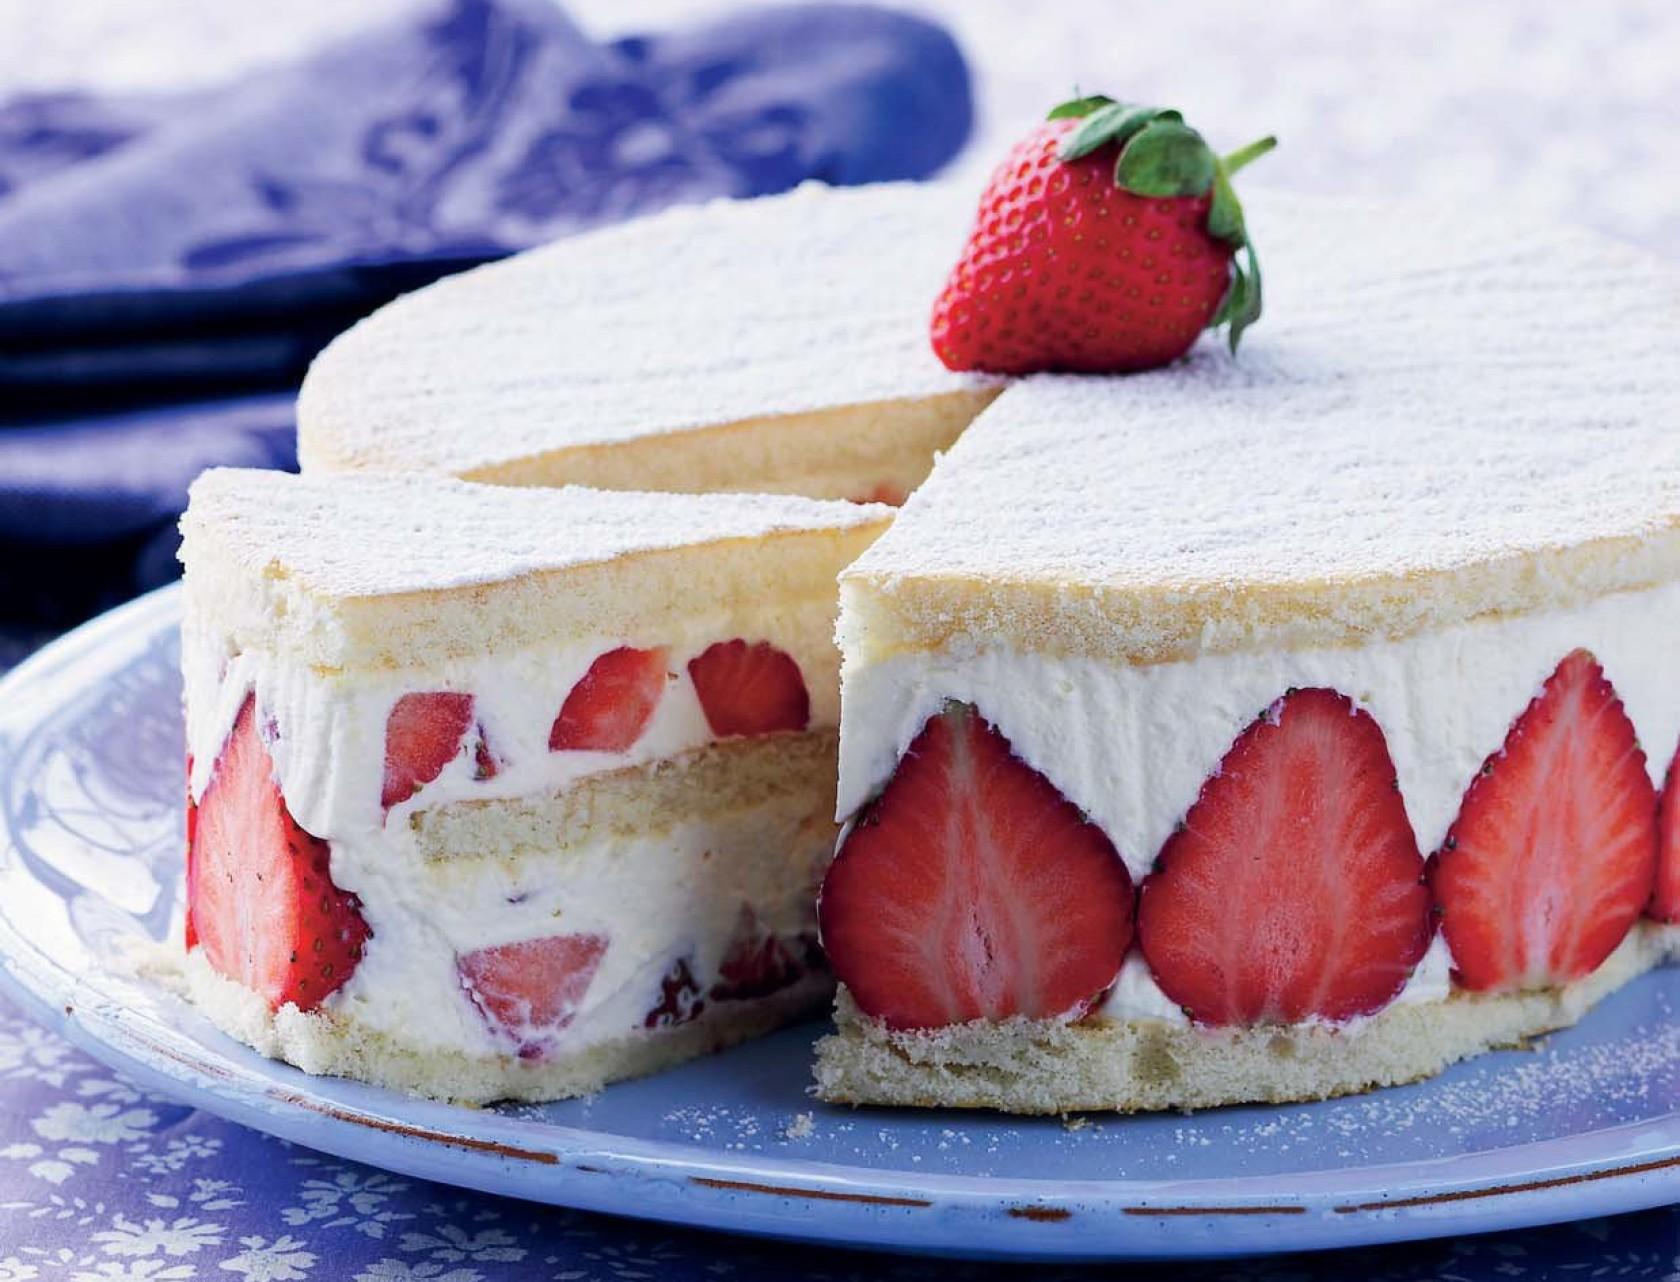 Jordbærlagkage med jordbærcreme - den bedste opskrift!